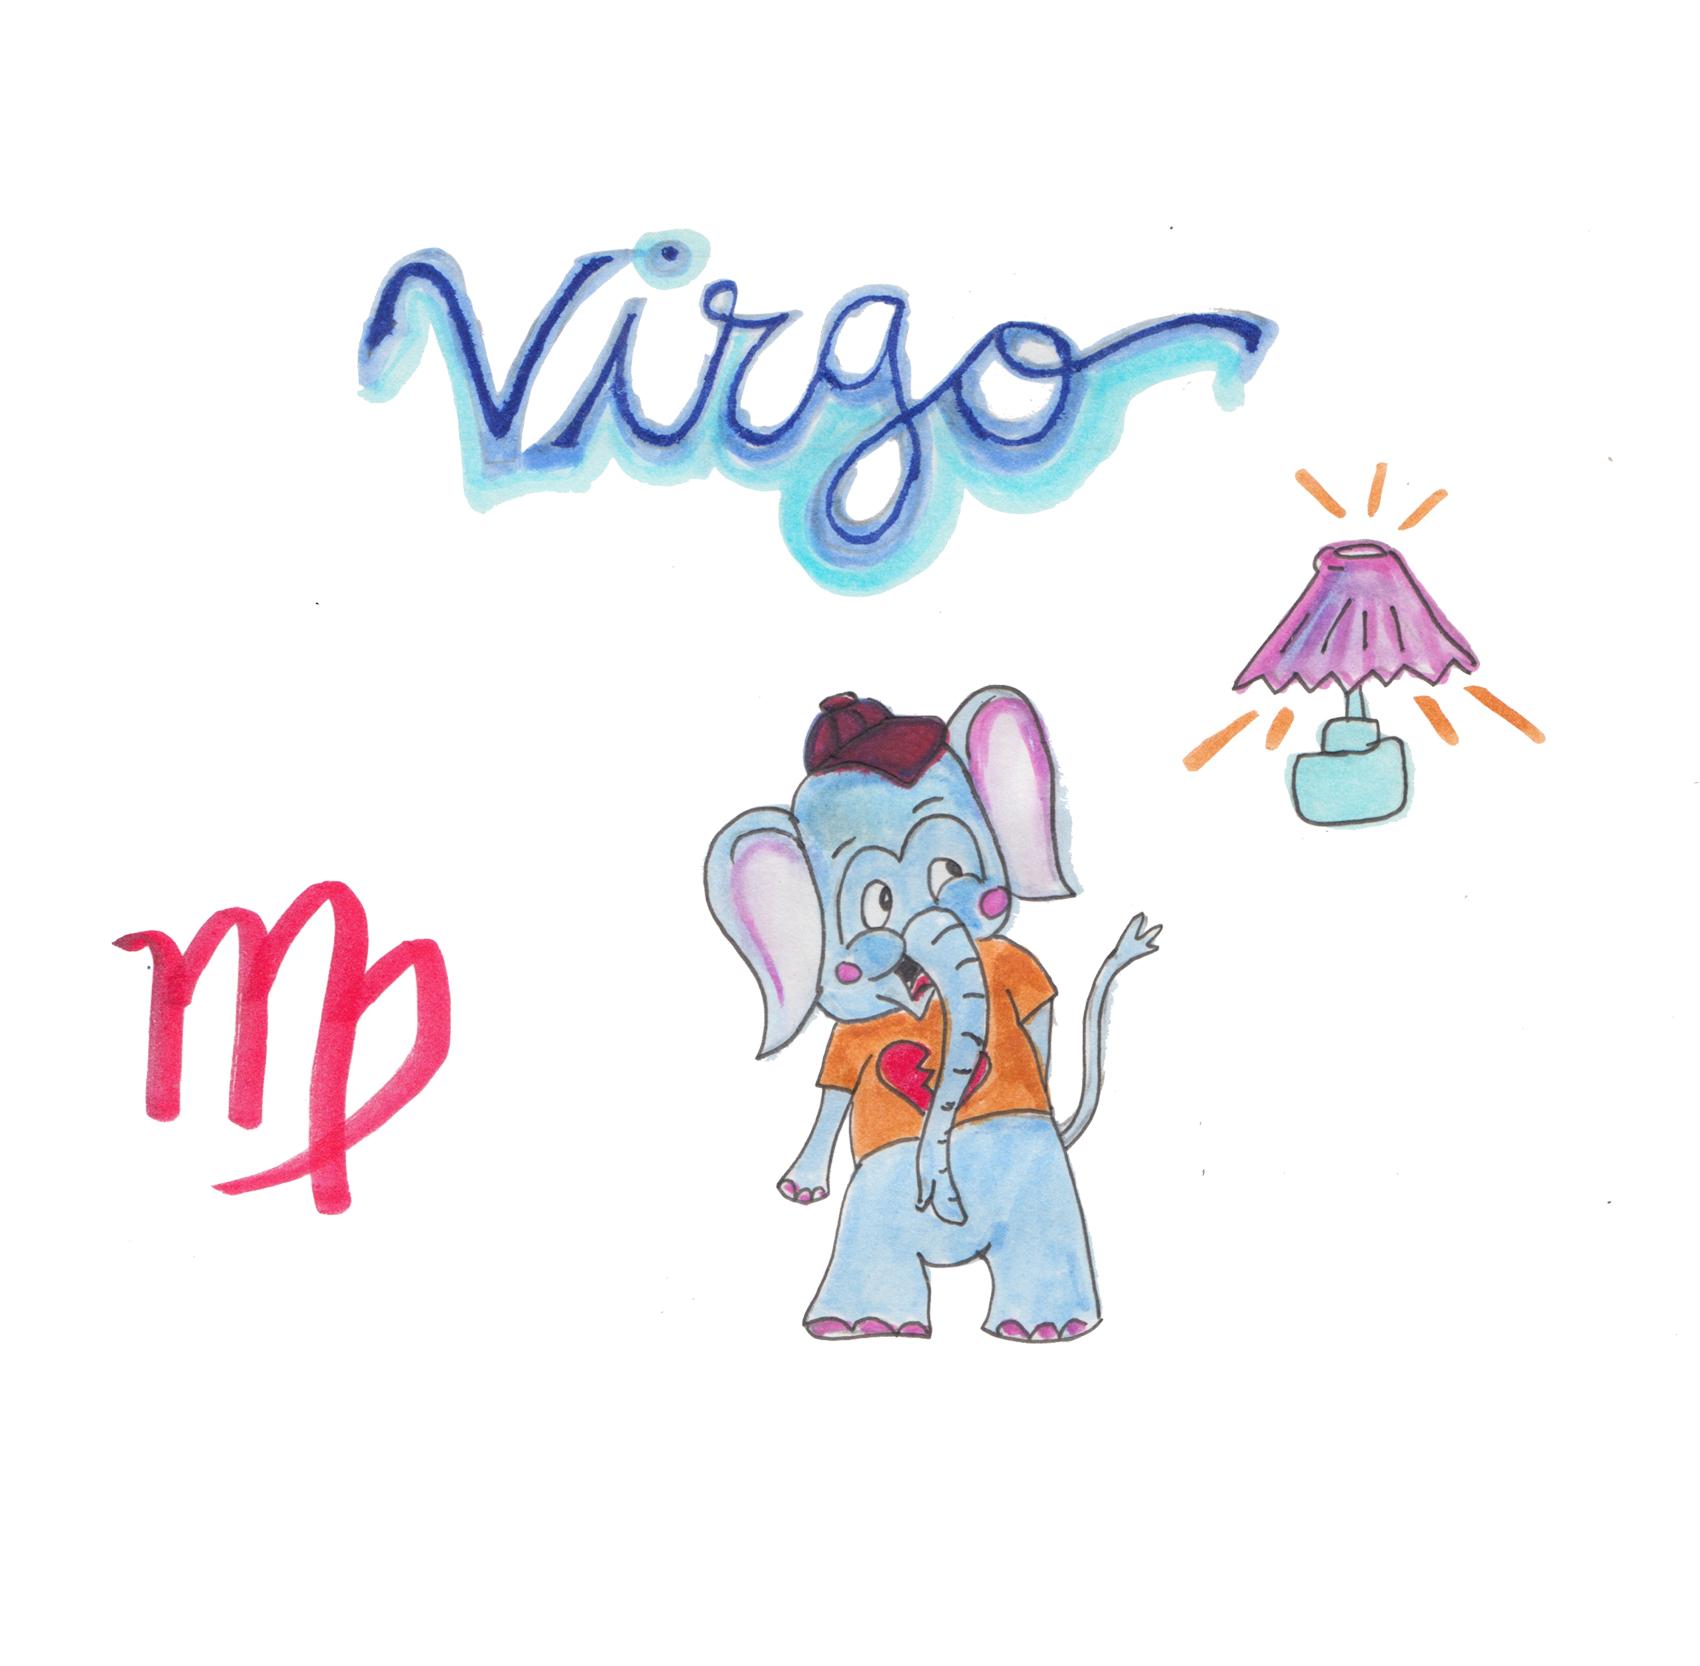 6.VIRGO copy